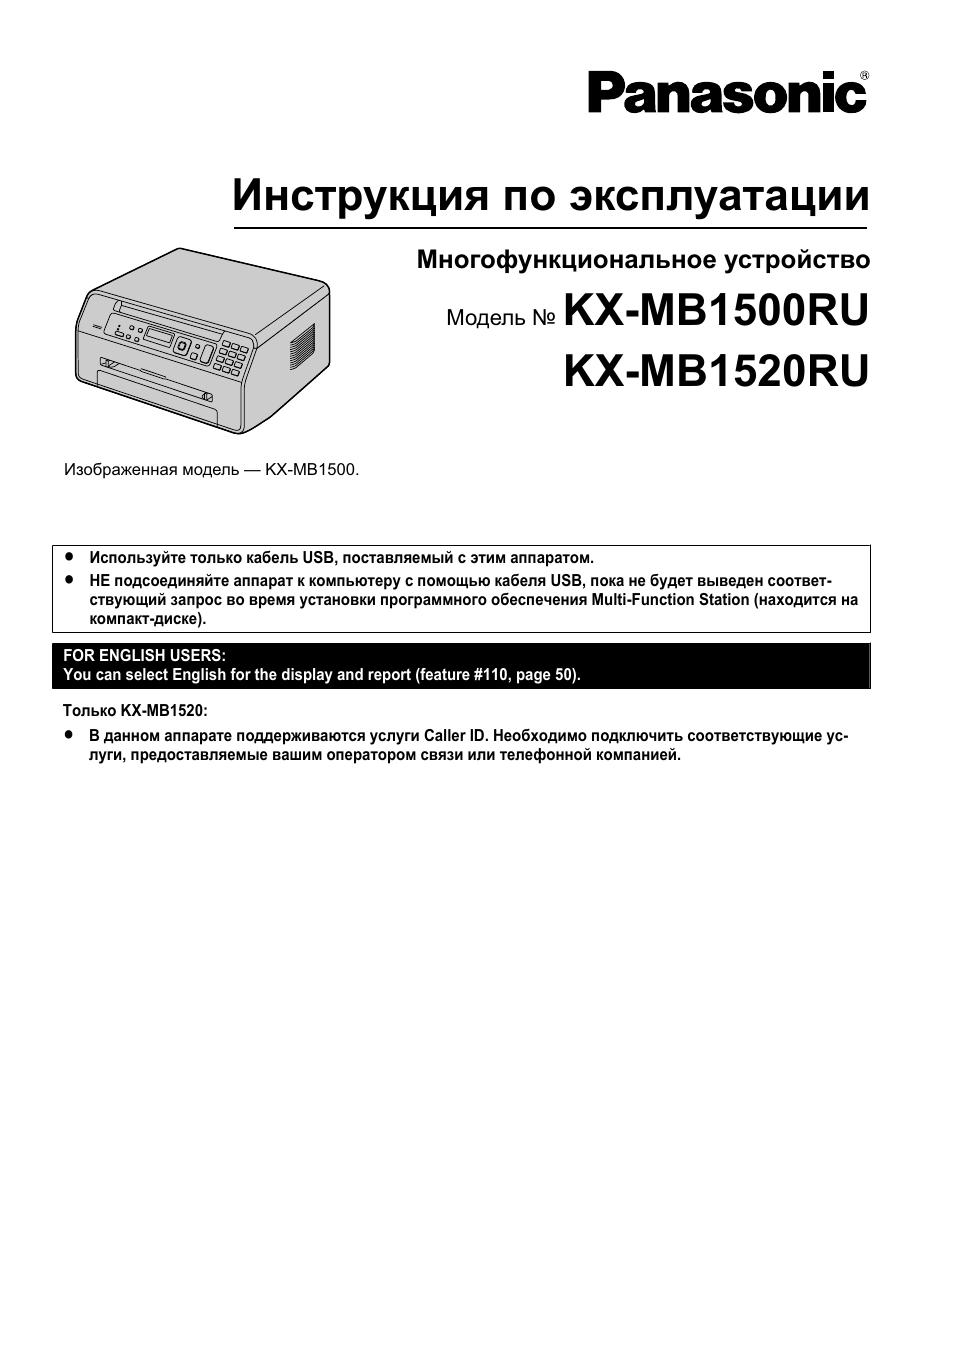 Описание и инструкция по пользованию принтера